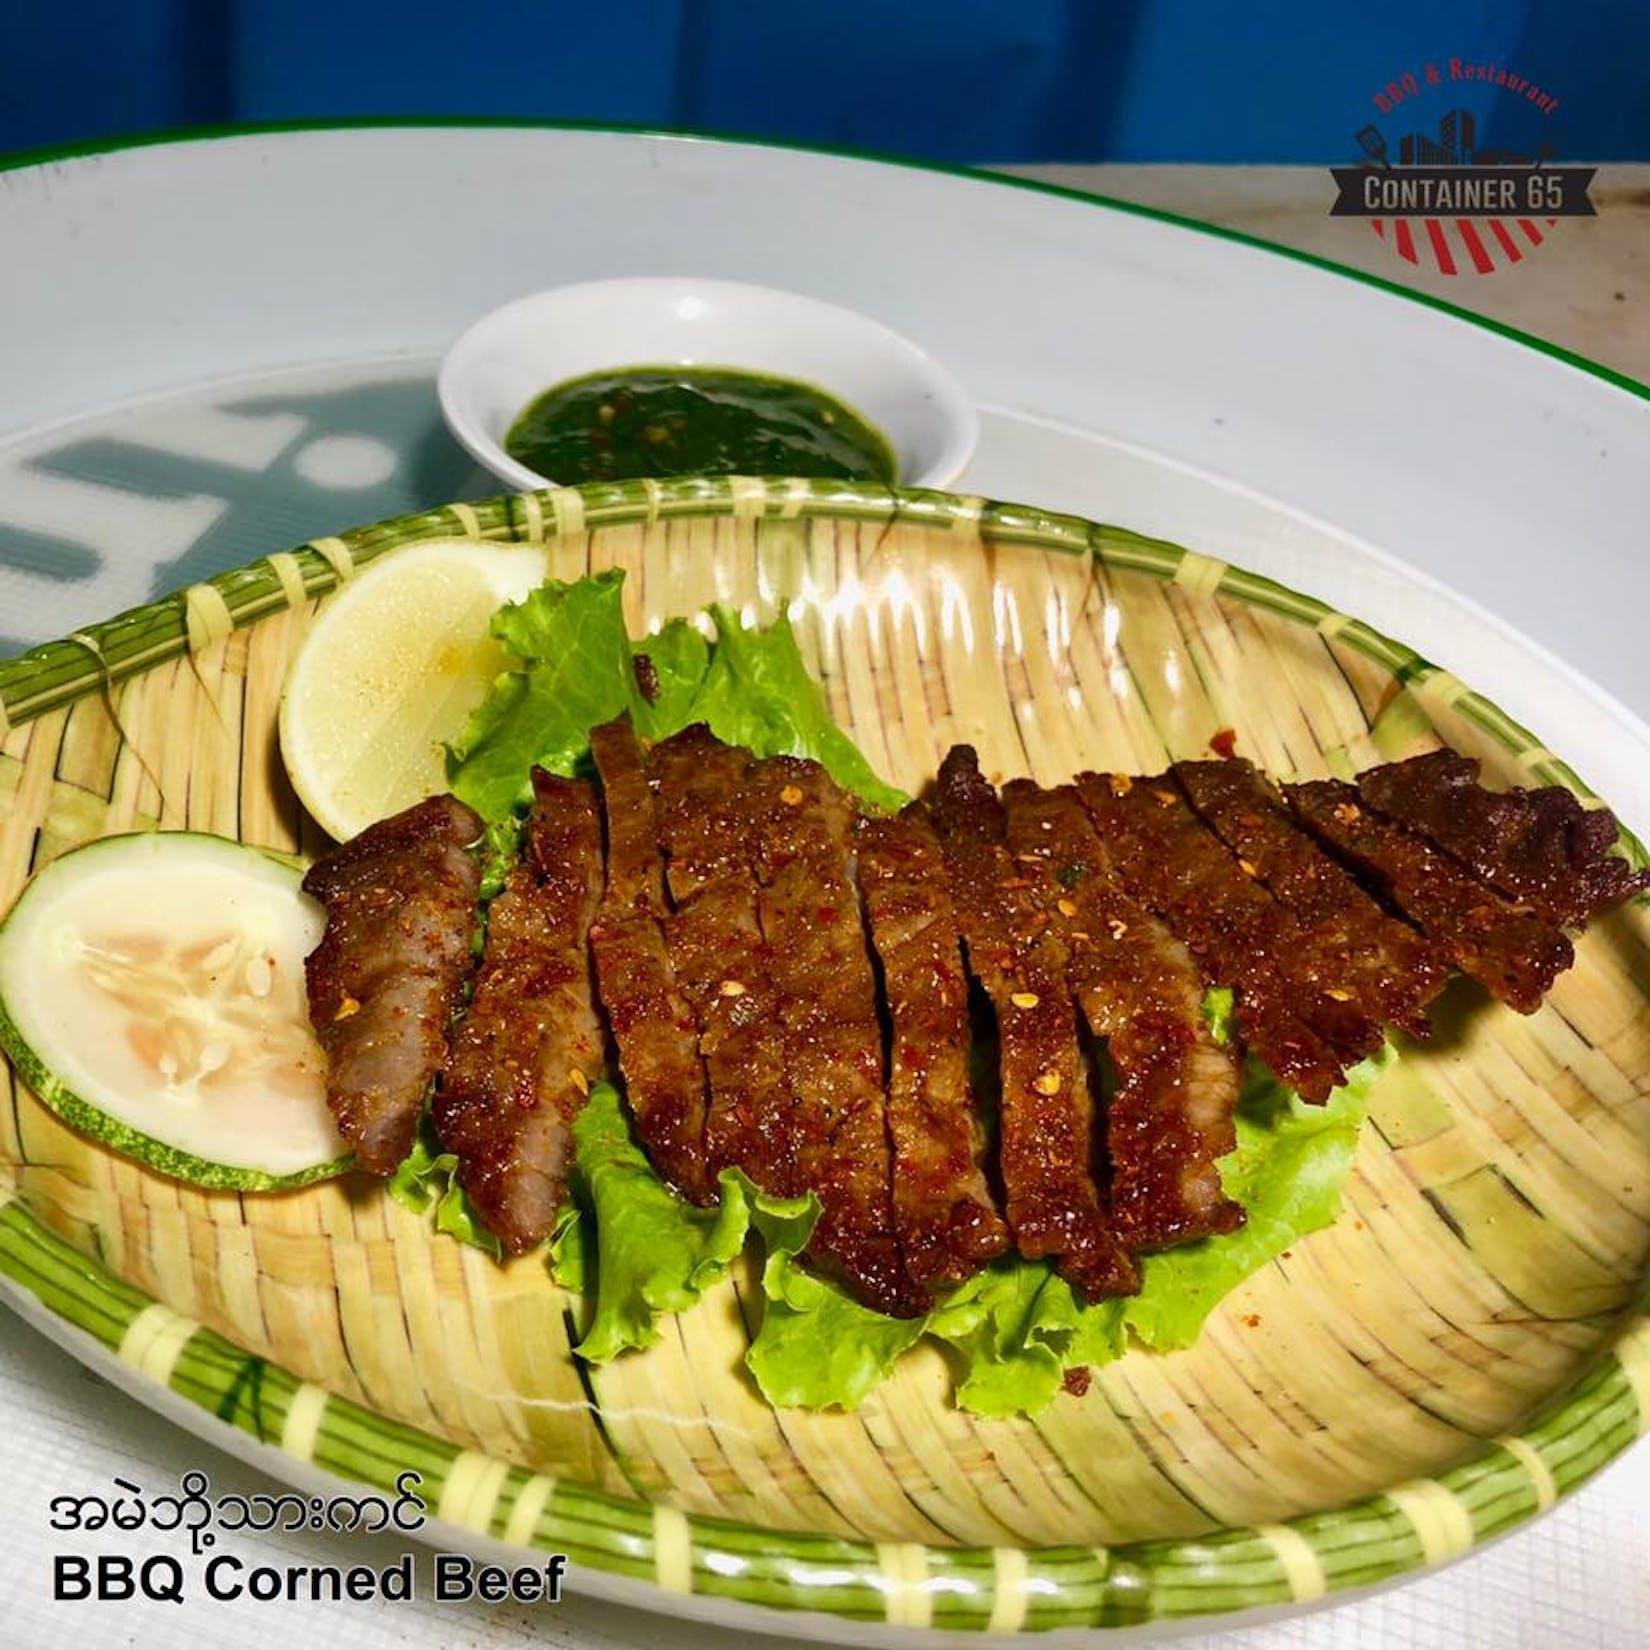 Container 65 BBQ & Restaurant | yathar